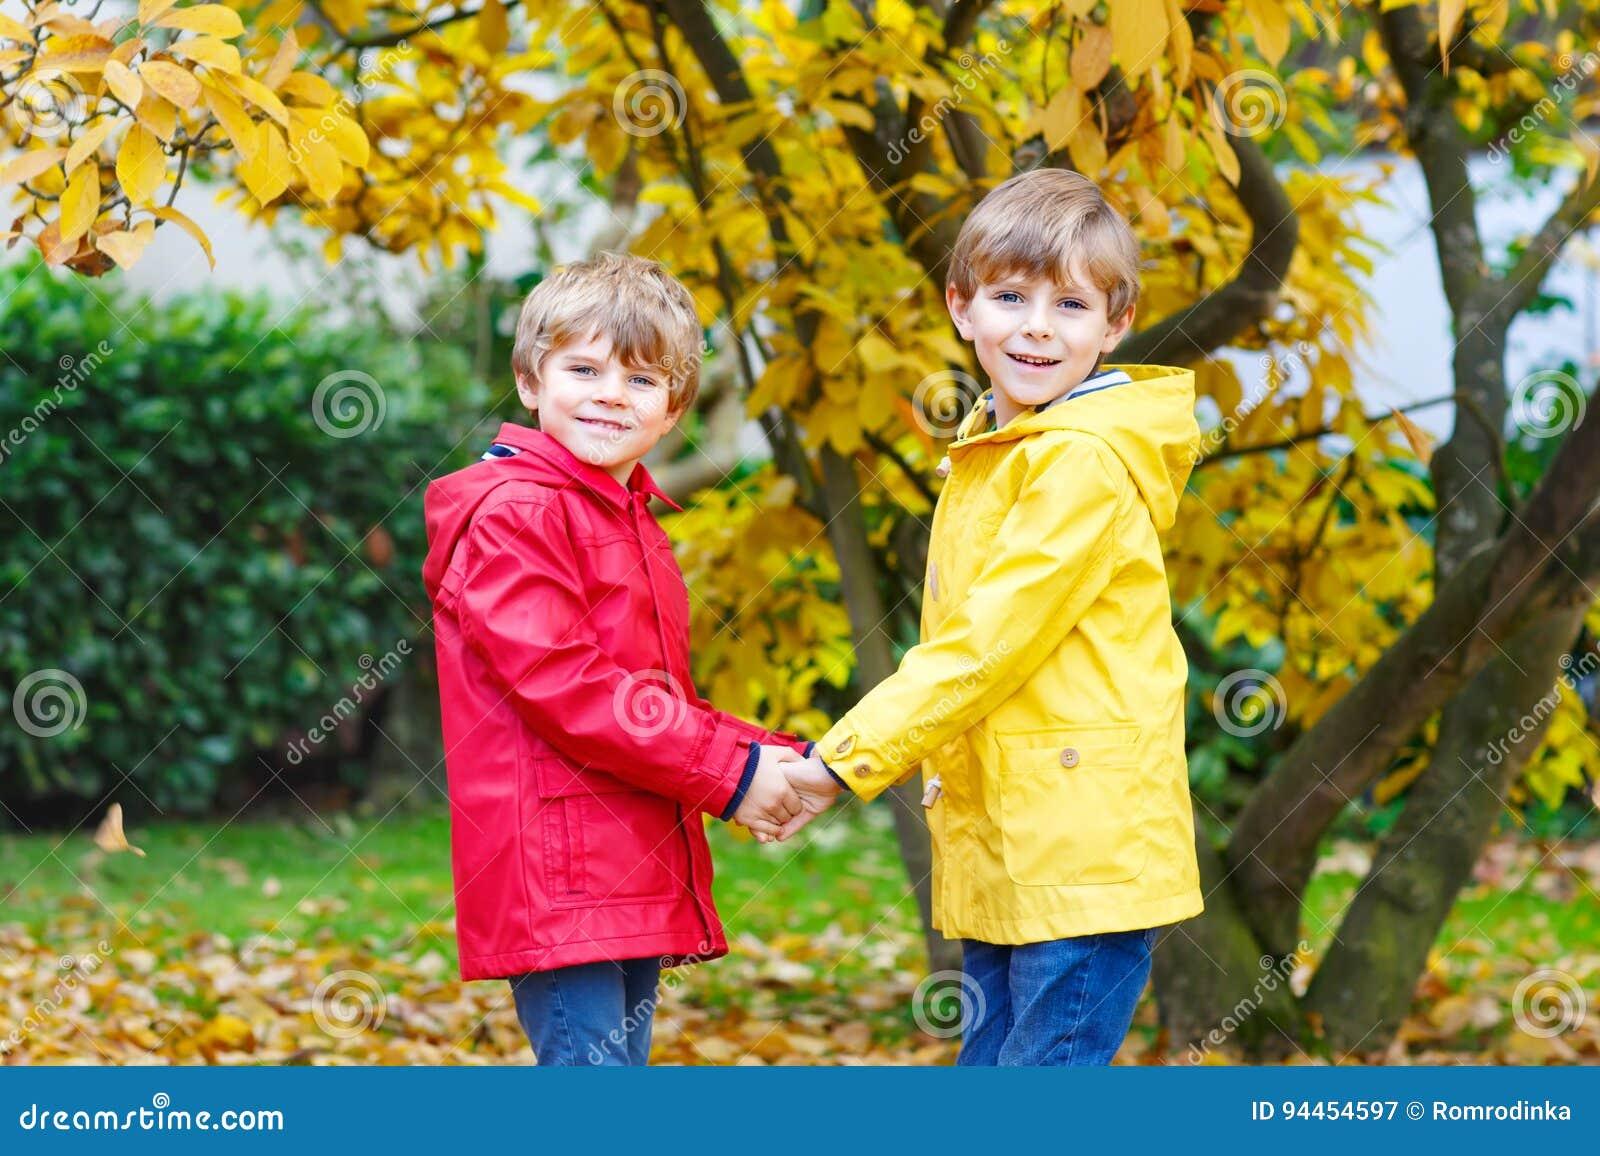 Zwei kleiner beste Freund- und Kinderjungenherbst parken in der bunten Kleidung